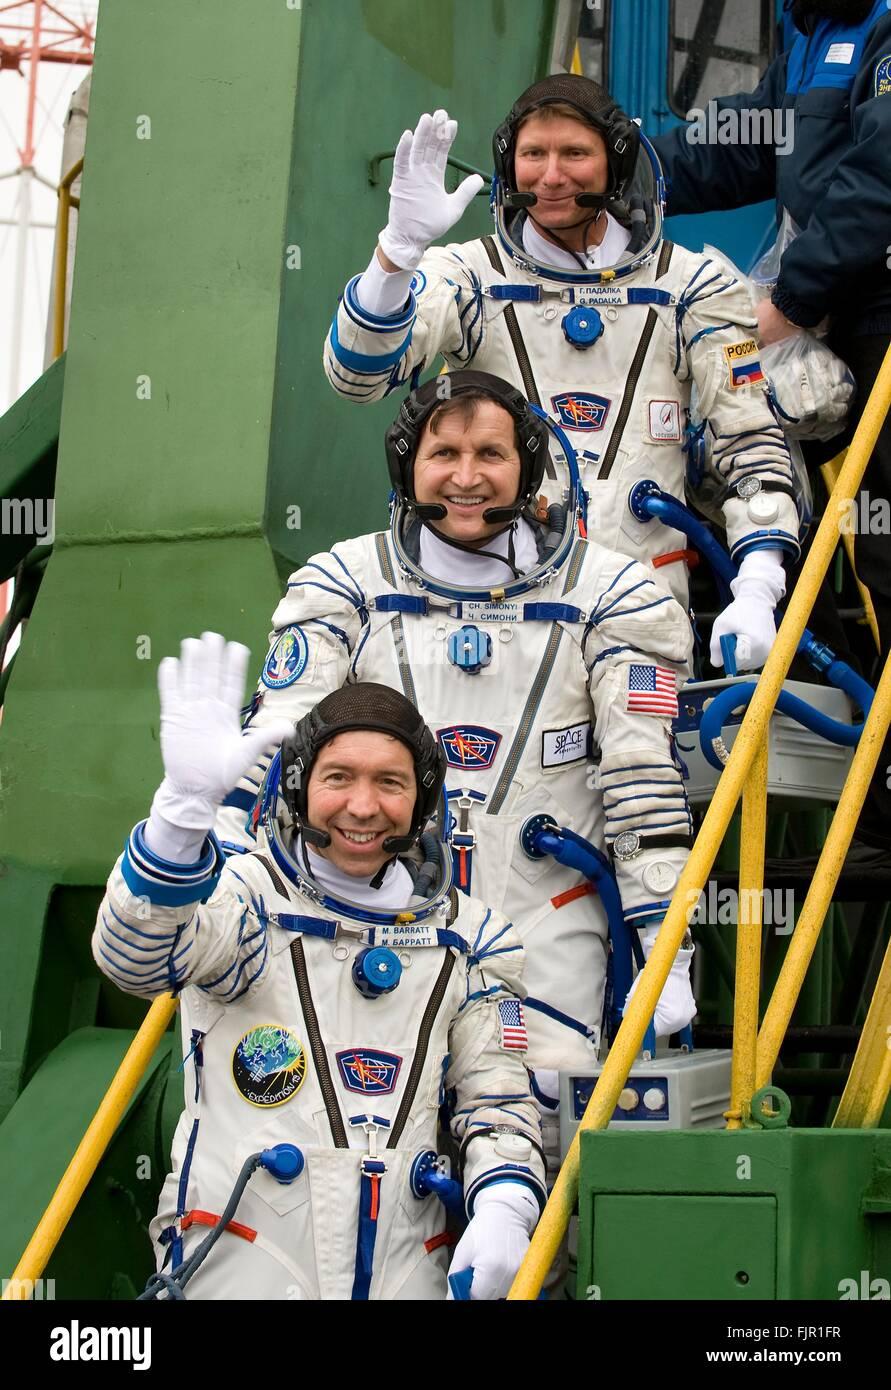 Stazione Spaziale Internazionale Expedition 19 equipaggio wave come essi bordo della Soyuz TMA-10 navicella spaziale Immagini Stock